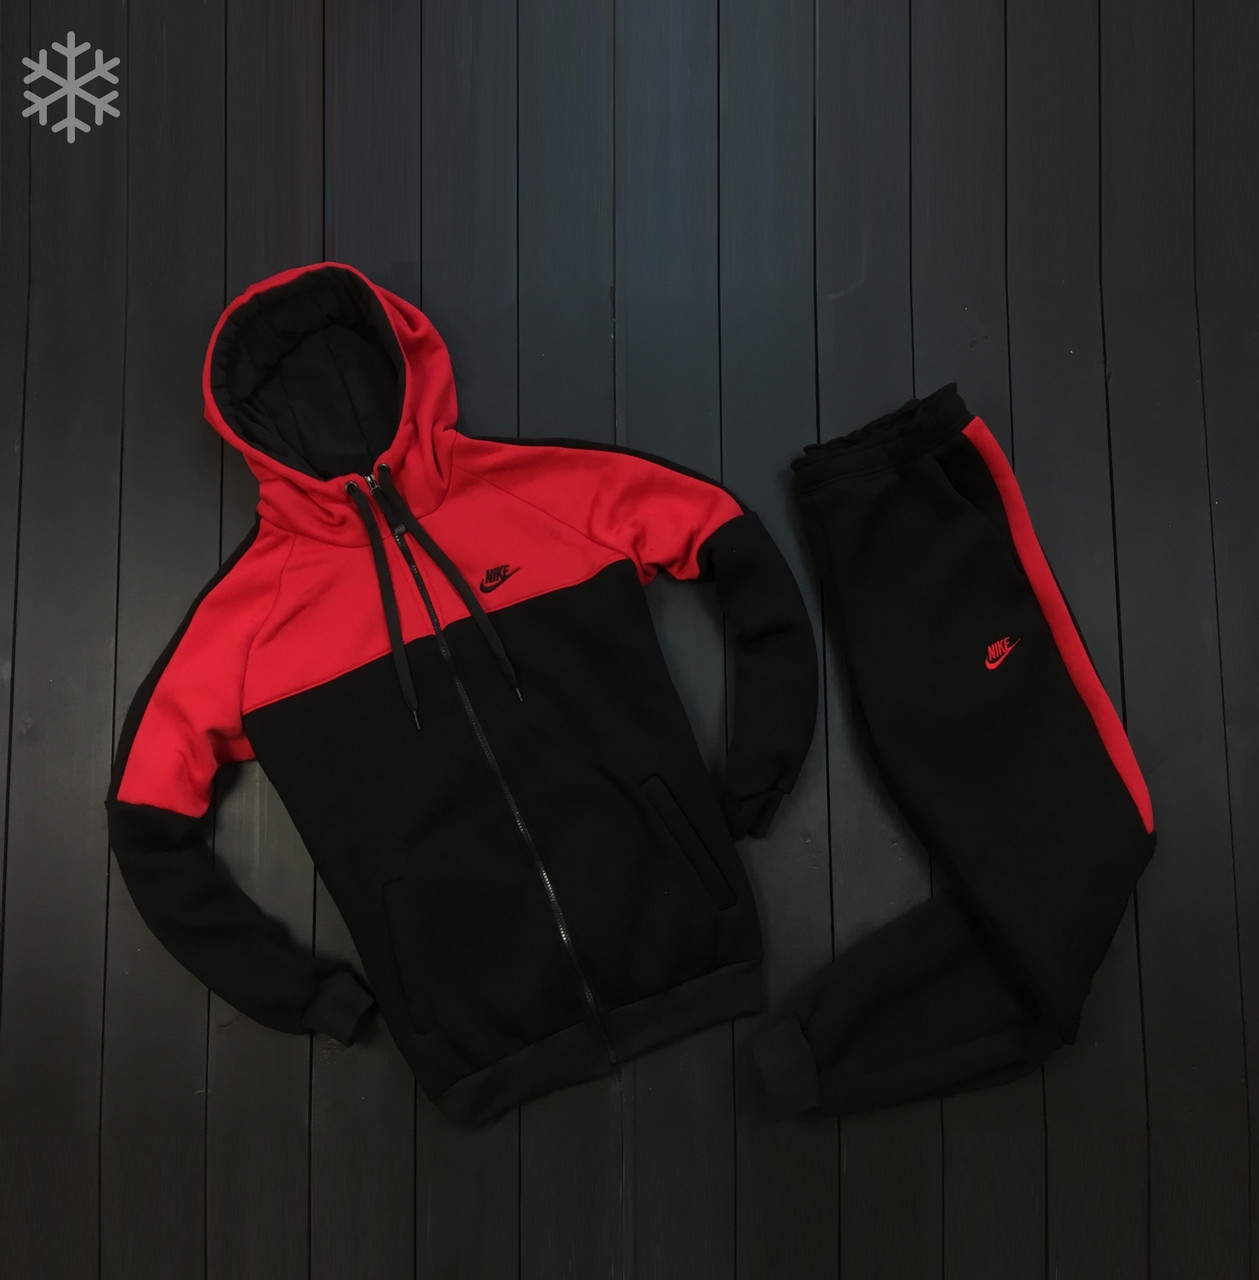 ХІТ 2020! Спортивний костюм Утеплений на флісі Nike найк (штани+кофта), чоловічий спортивний костюм